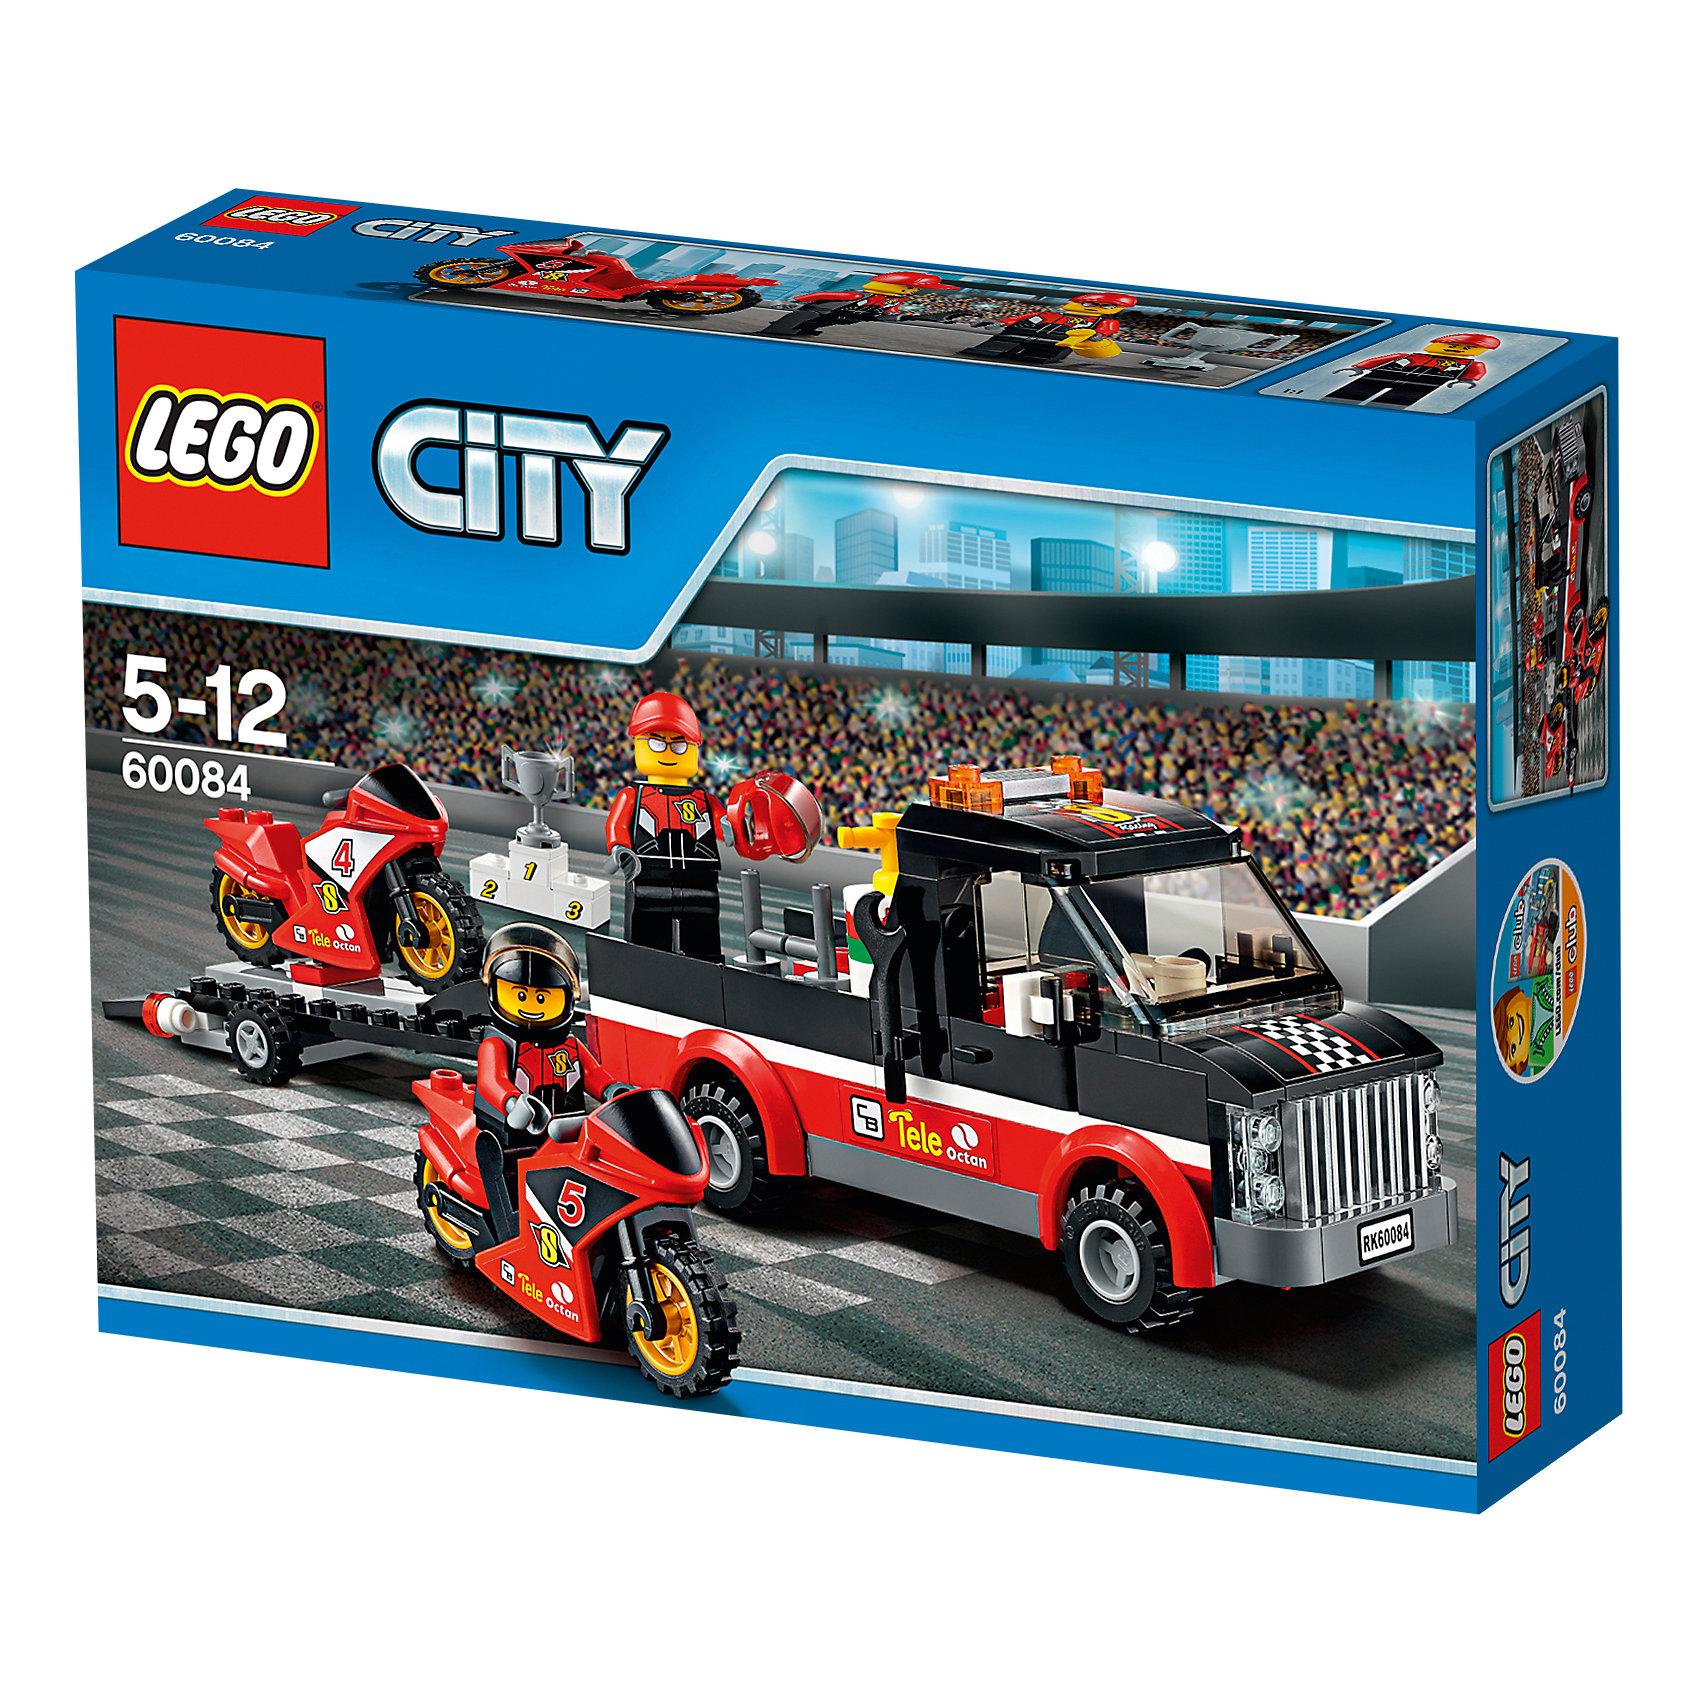 LEGO City 60084: ���������� �������� ����������